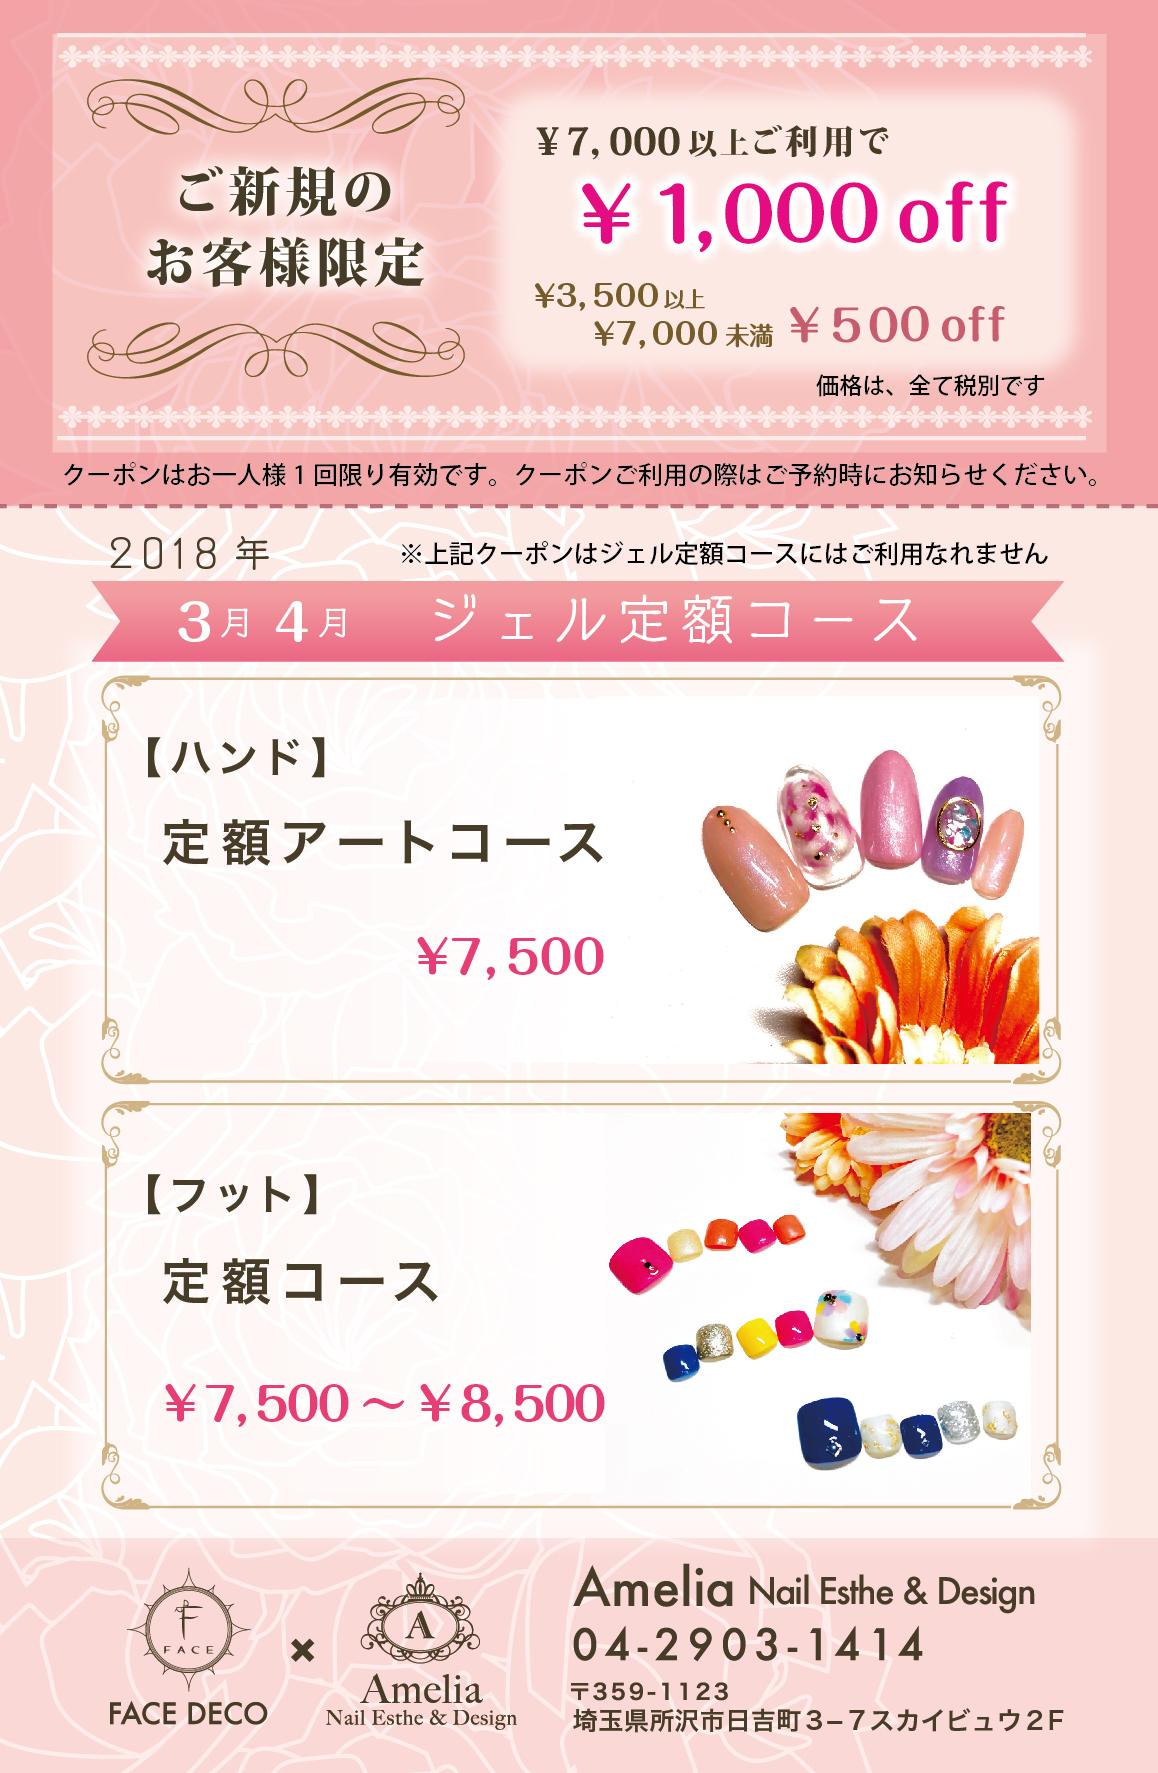 所沢 美容室 FACE DECO × ネイルサロンAmelia